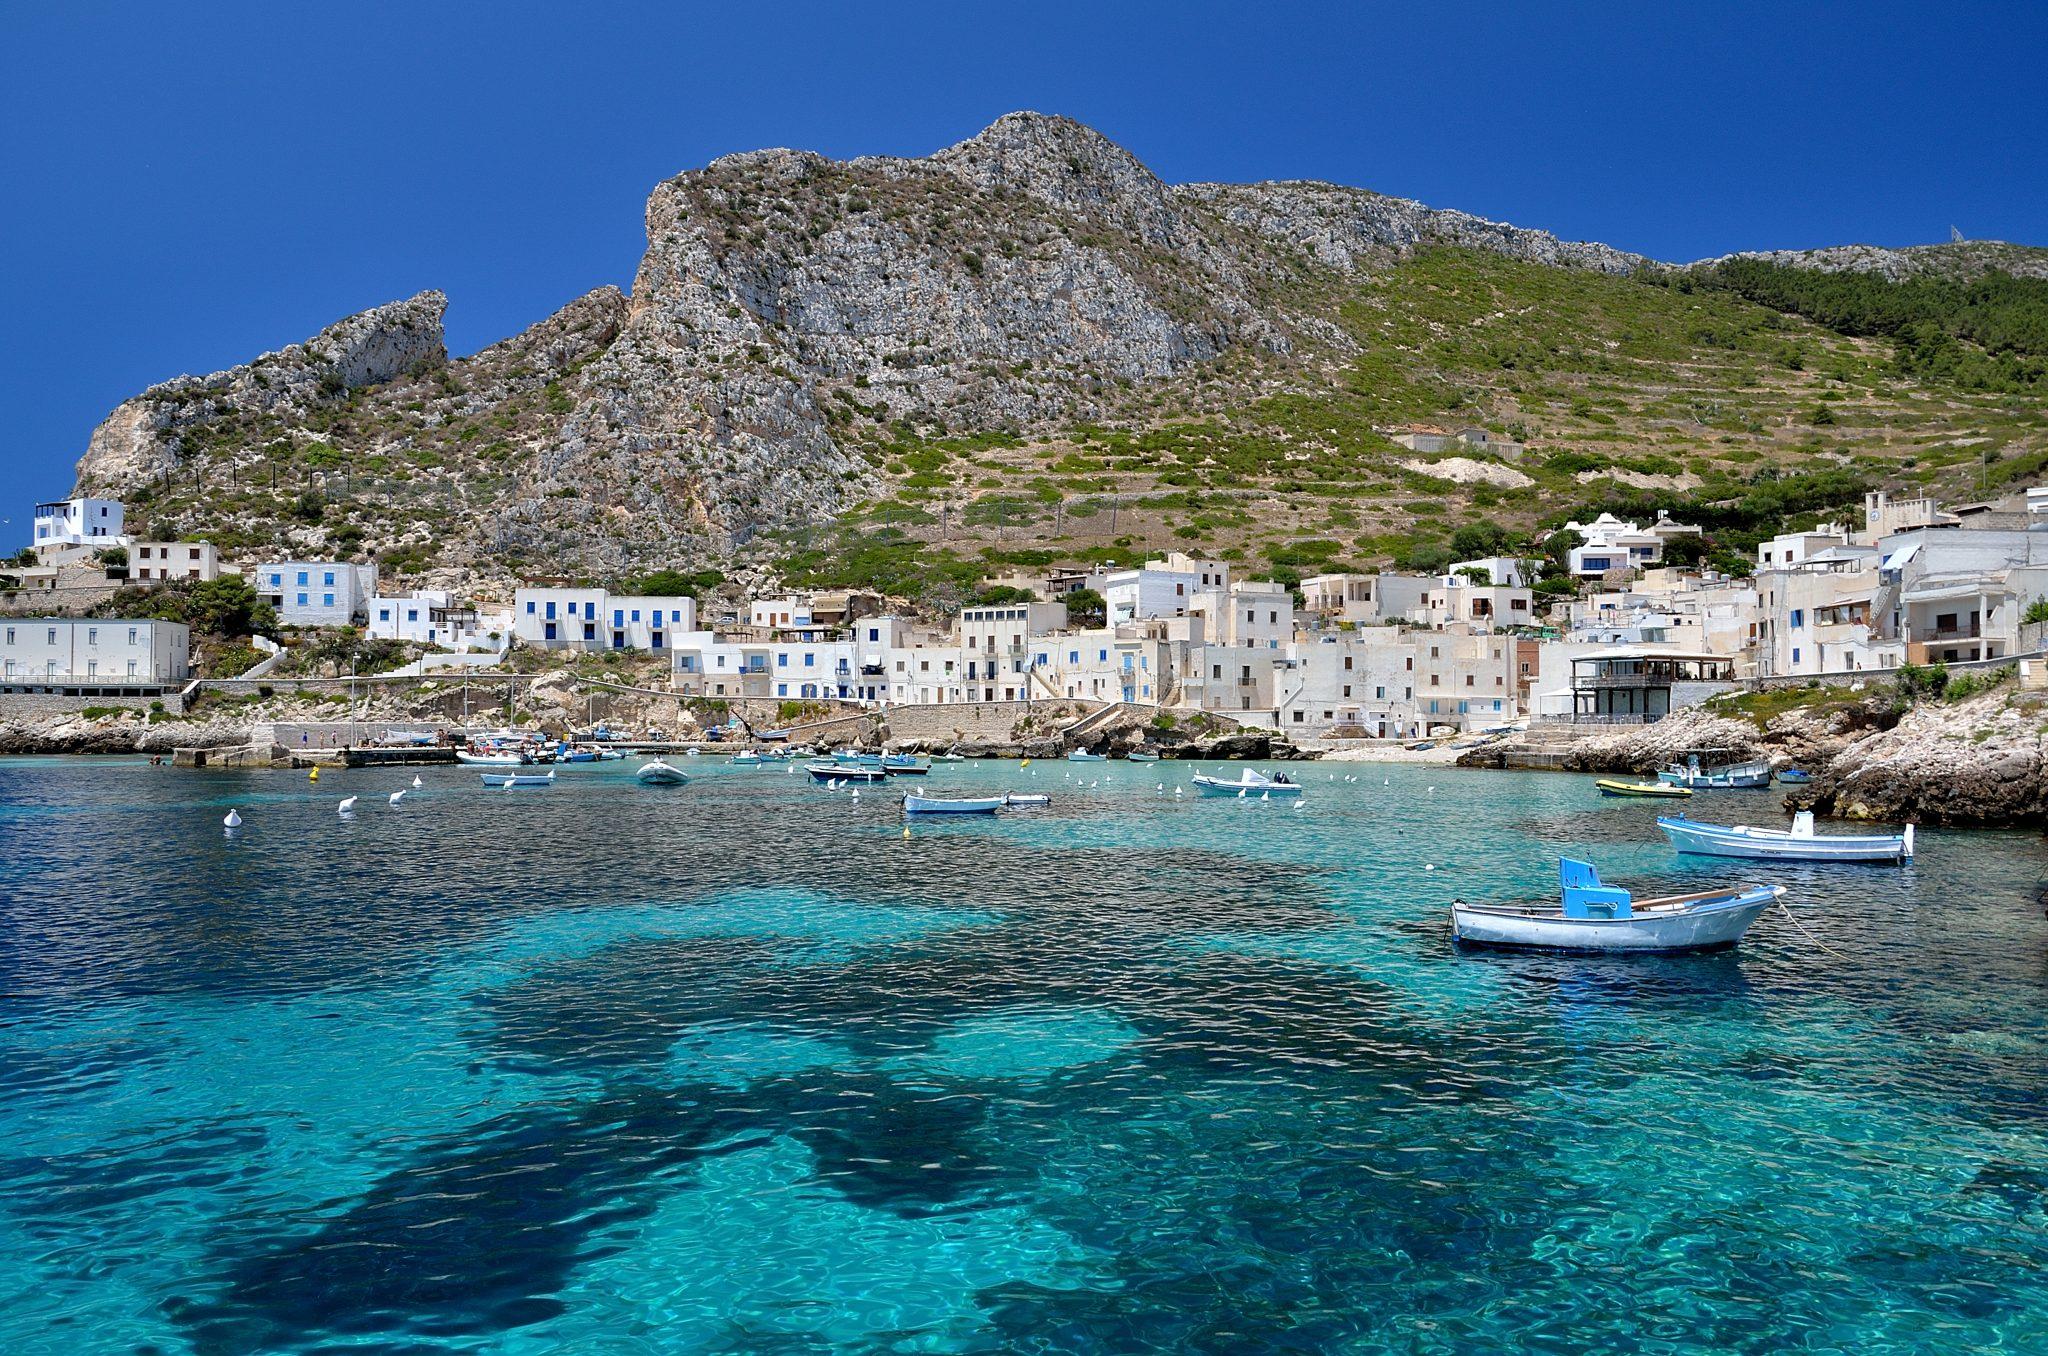 Visitar sicilia una isla italiana con encanto turismo for Piani casa del sud del paese